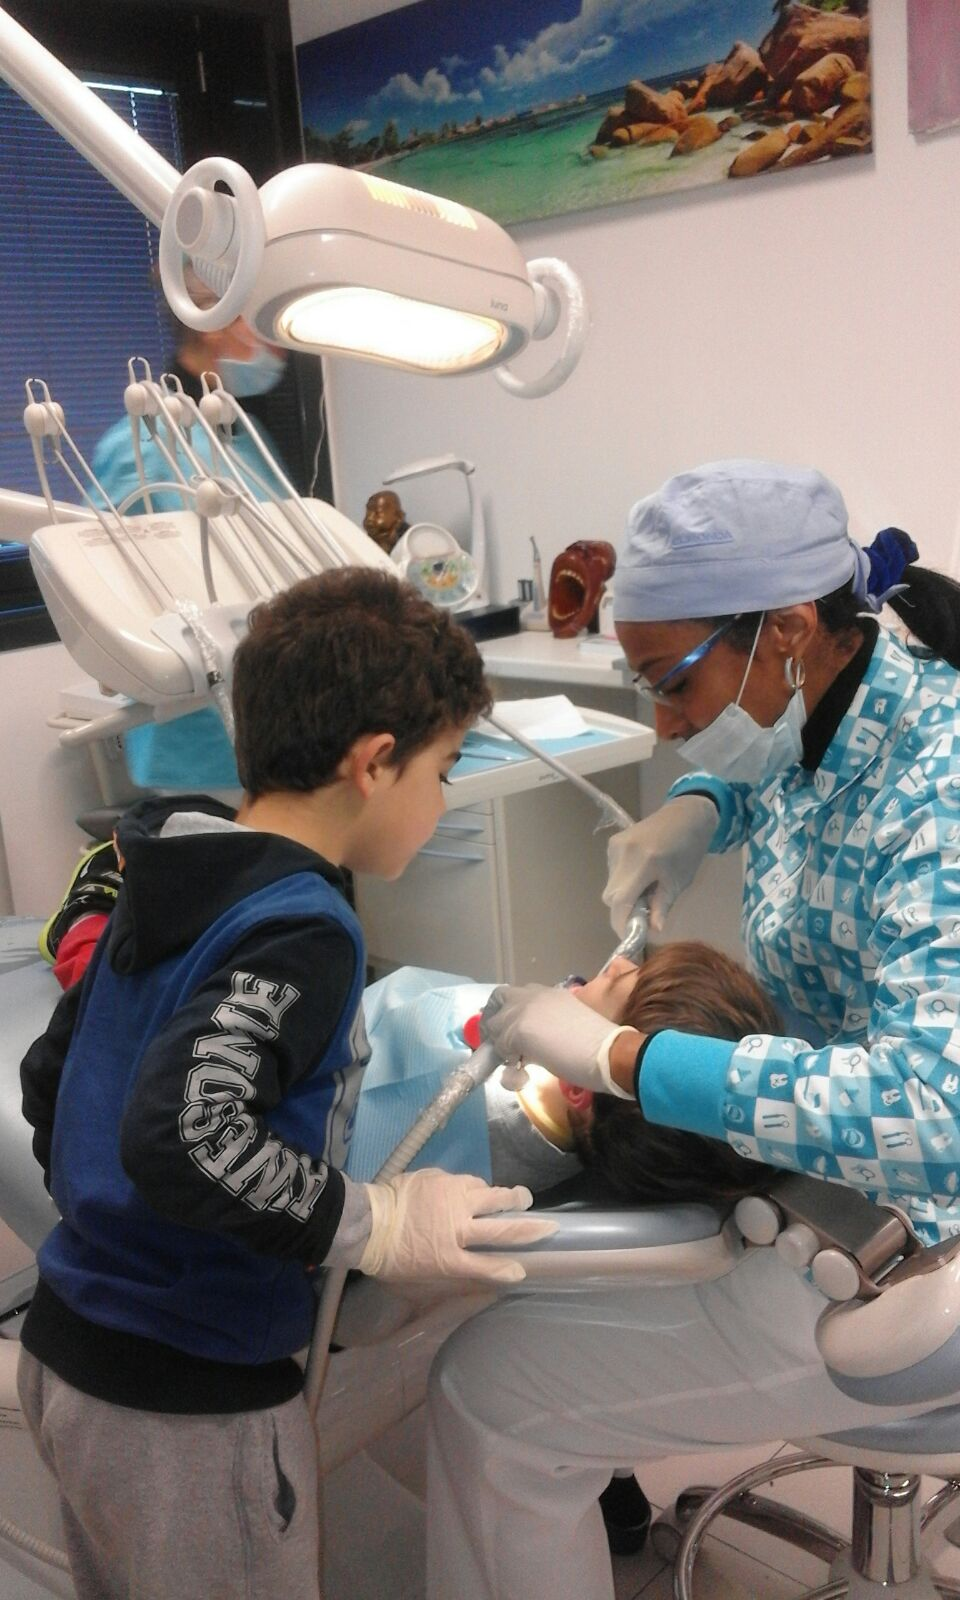 dottoressa che visita un bambino